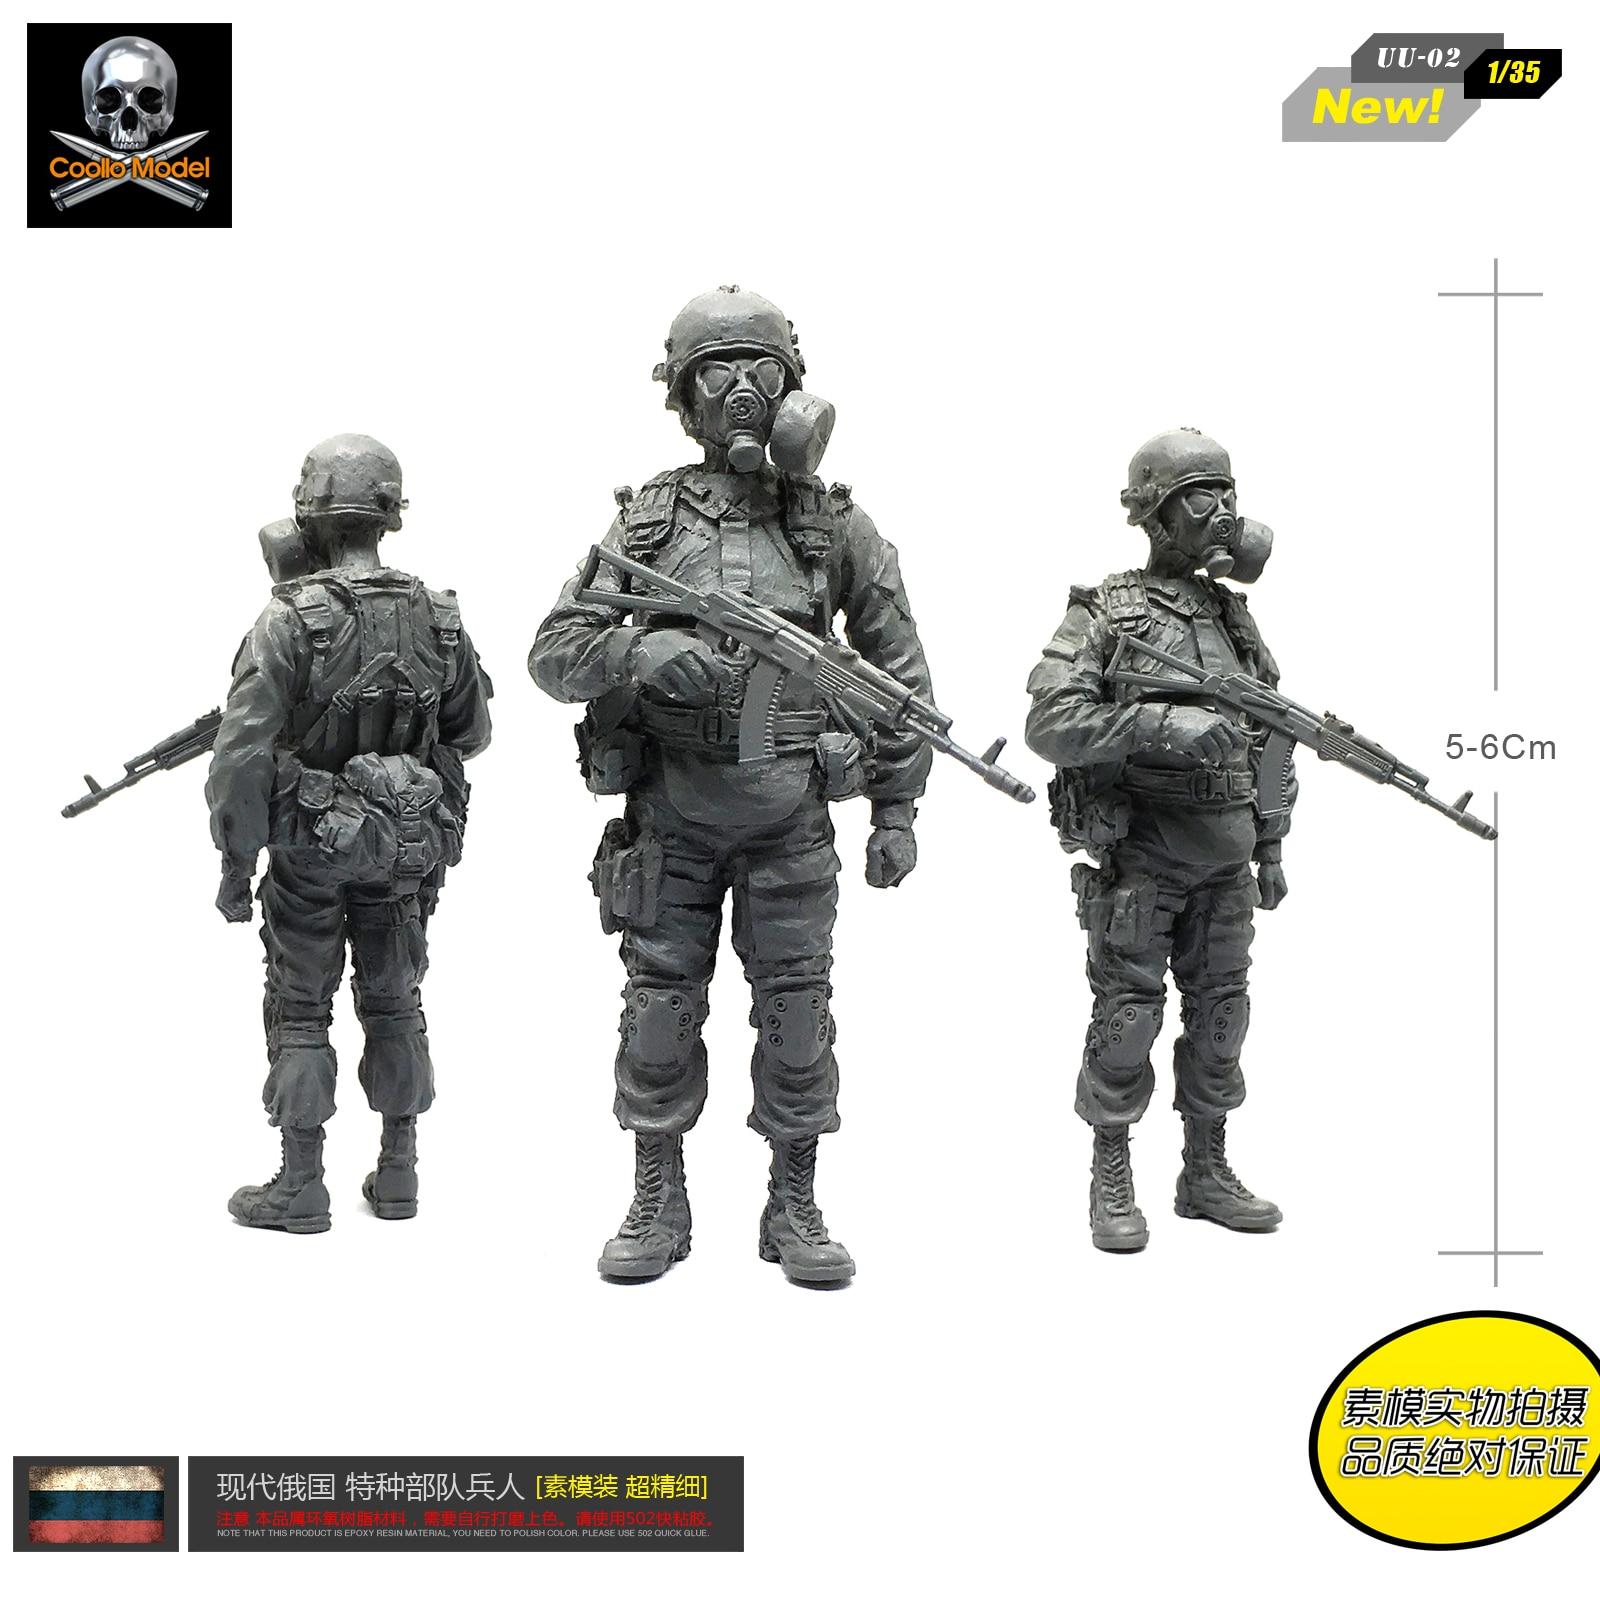 1/35 Figure Kits Russian Alpha Anti-terrorist Force Resin Soldiers Wear Gas Masks  Self-assembled UU-02